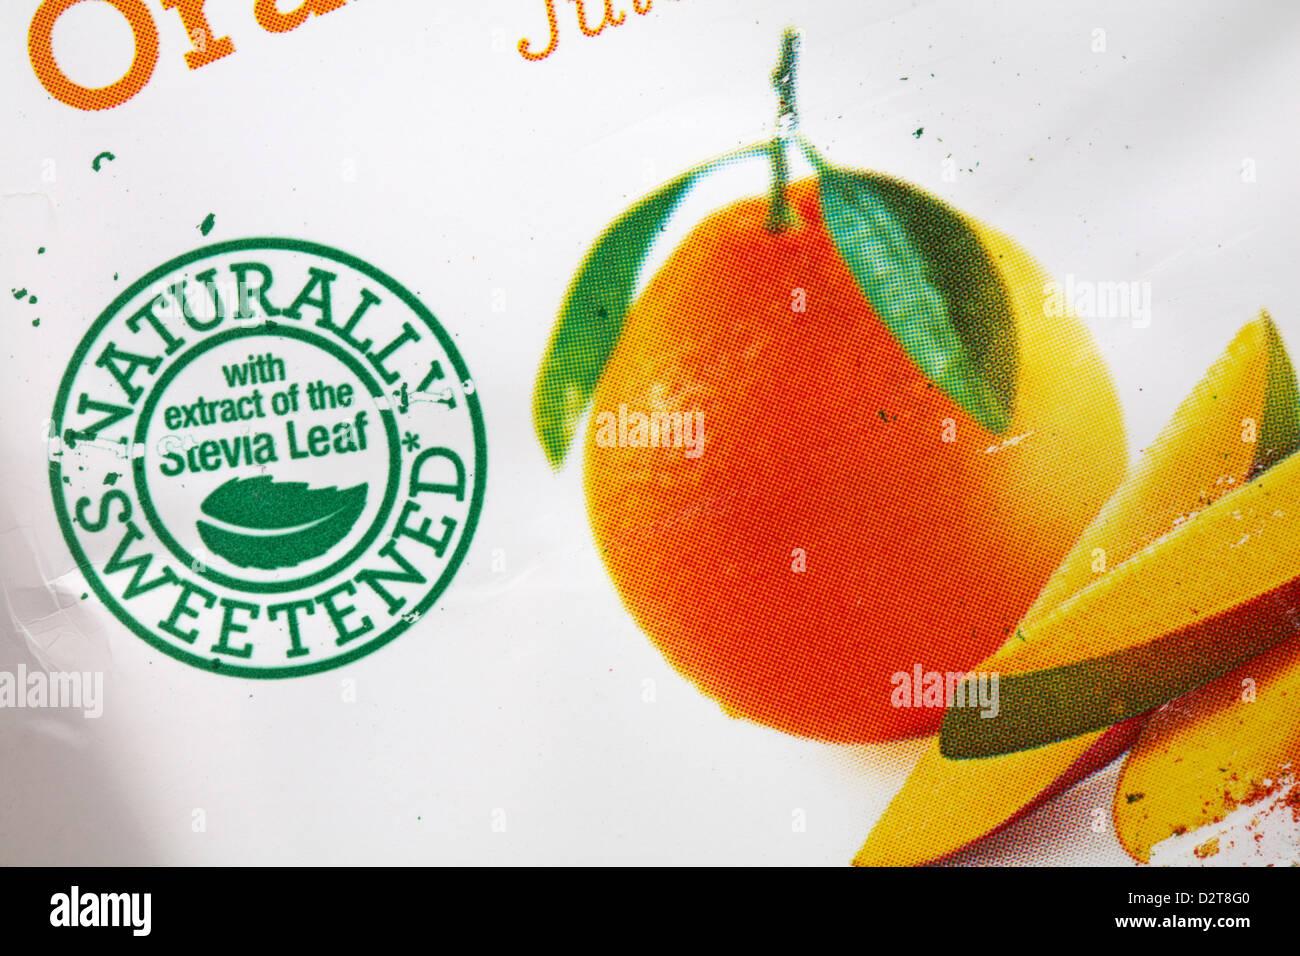 Natürlich gesüßt mit Extrakt aus der Stevia-Blatt - Informationen über Tropicana Trop50 Orange Stockbild